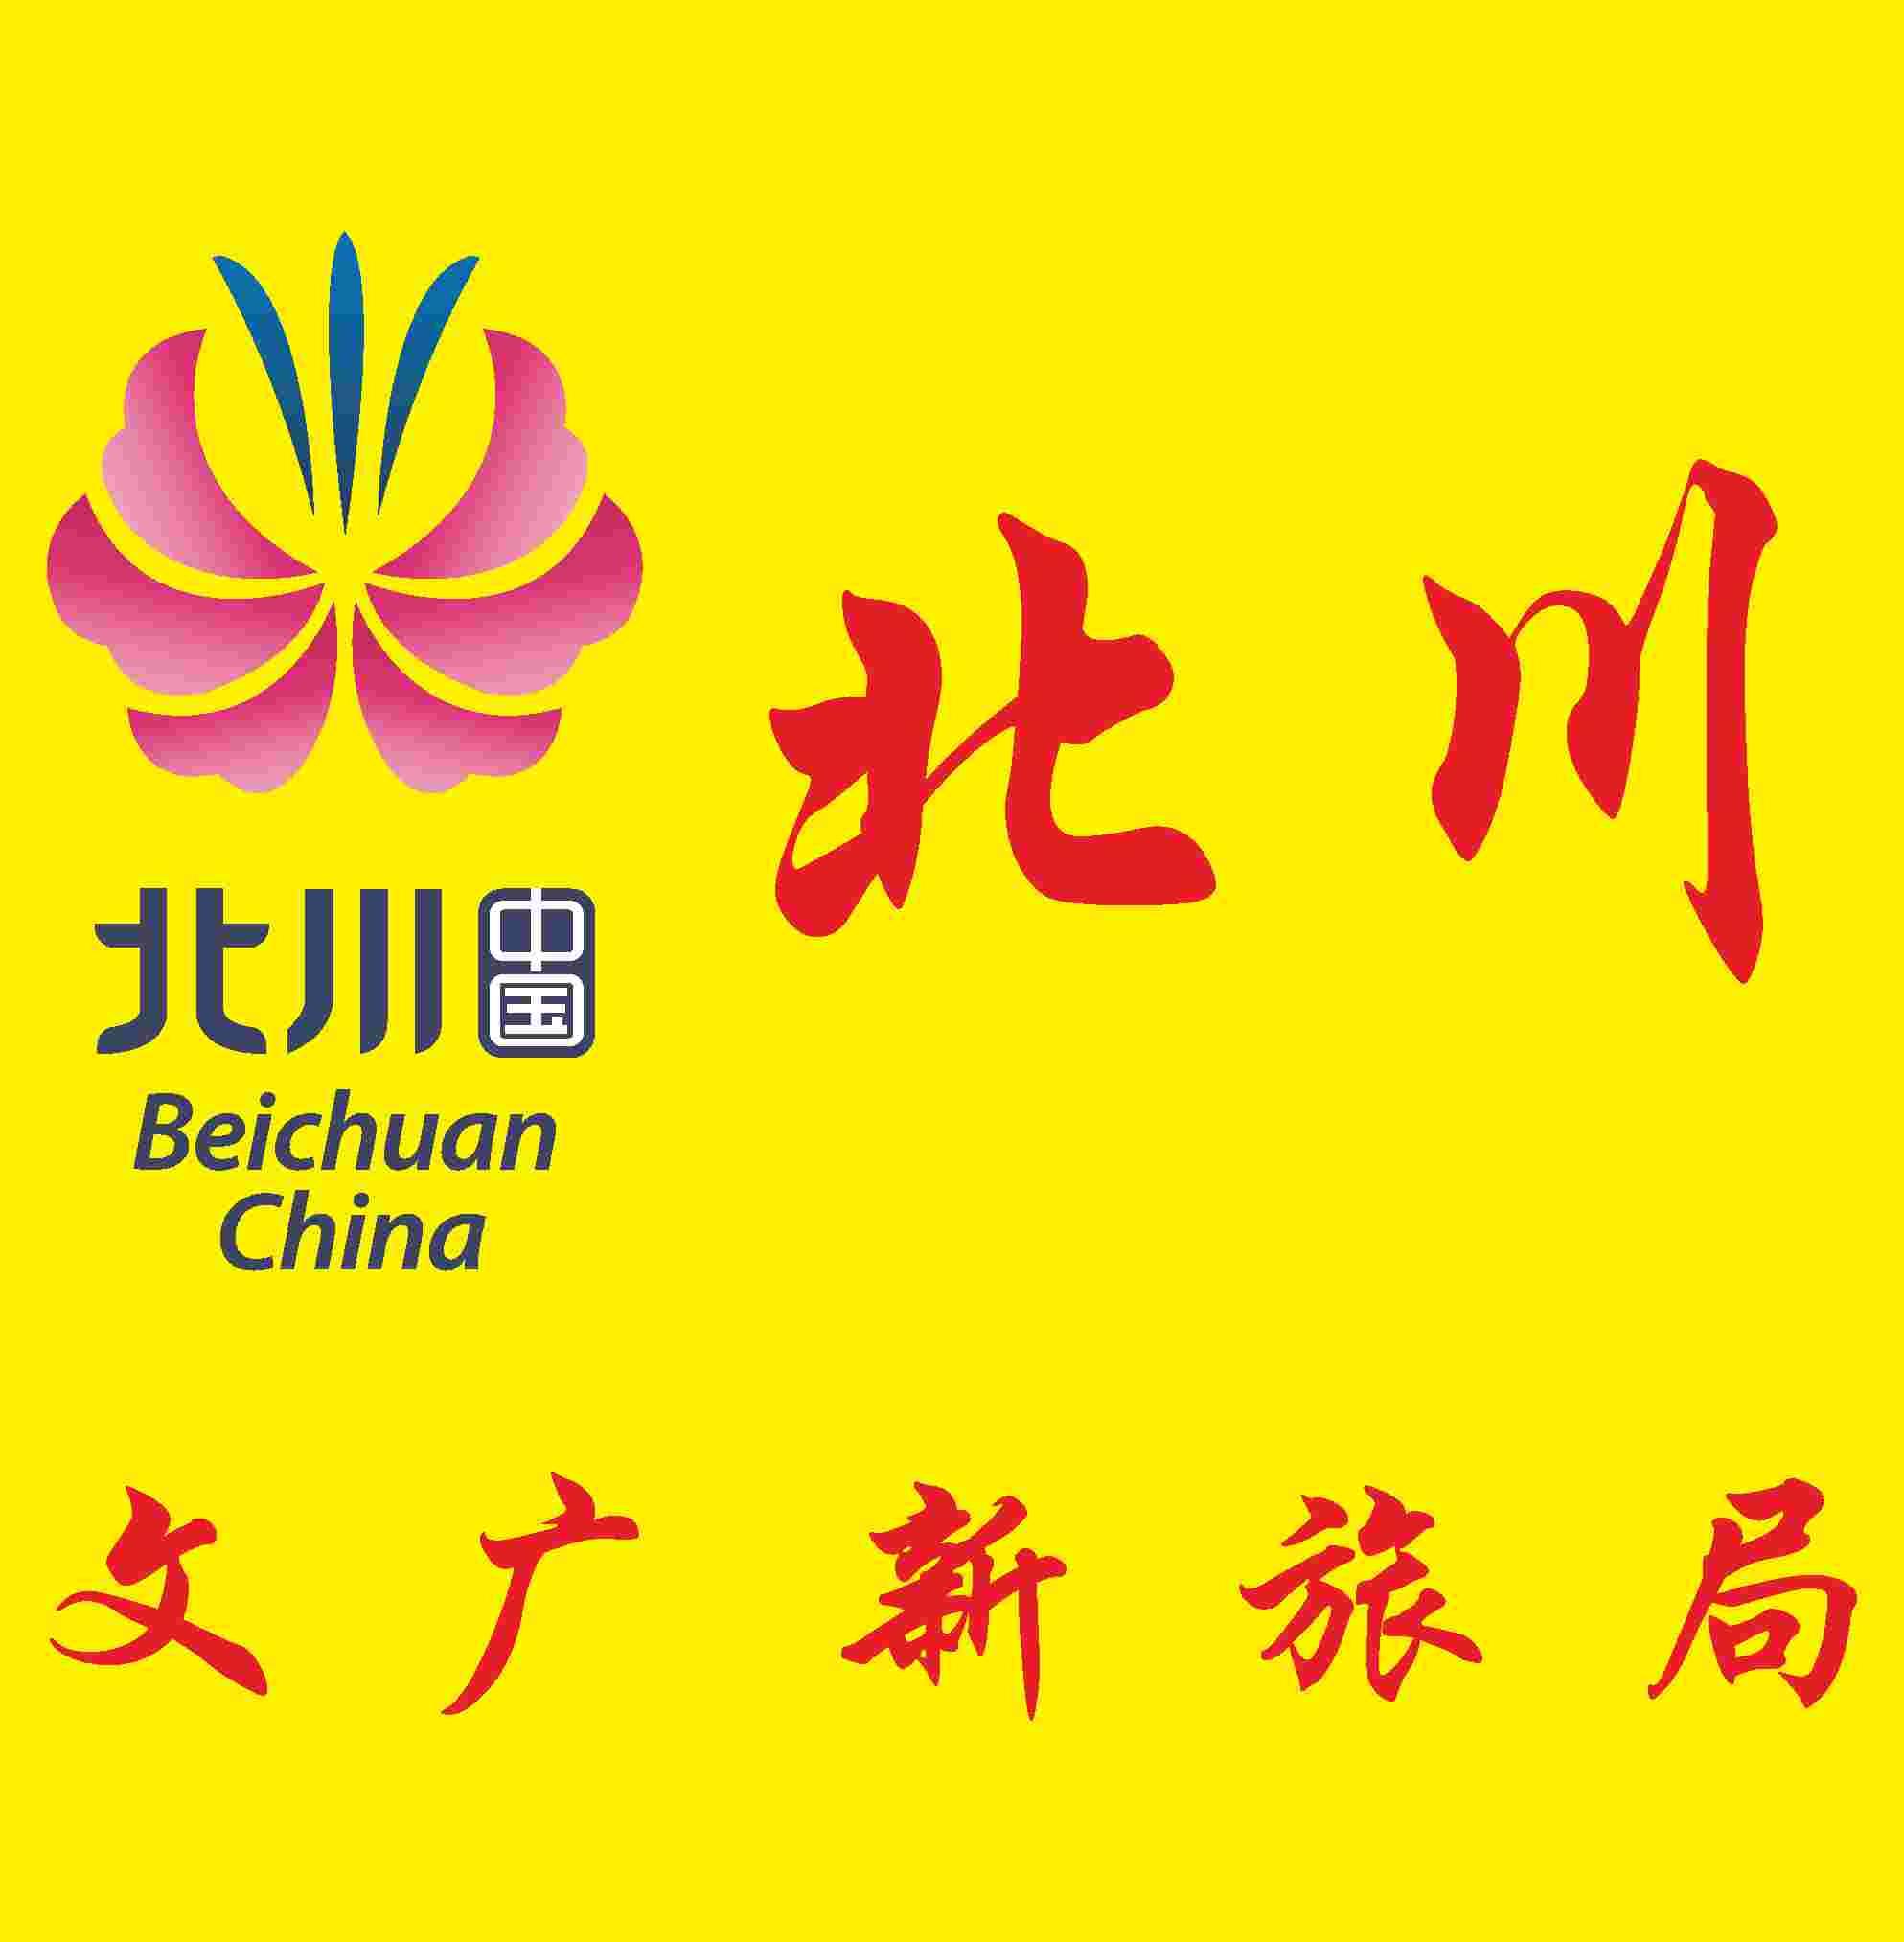 北川旅游局